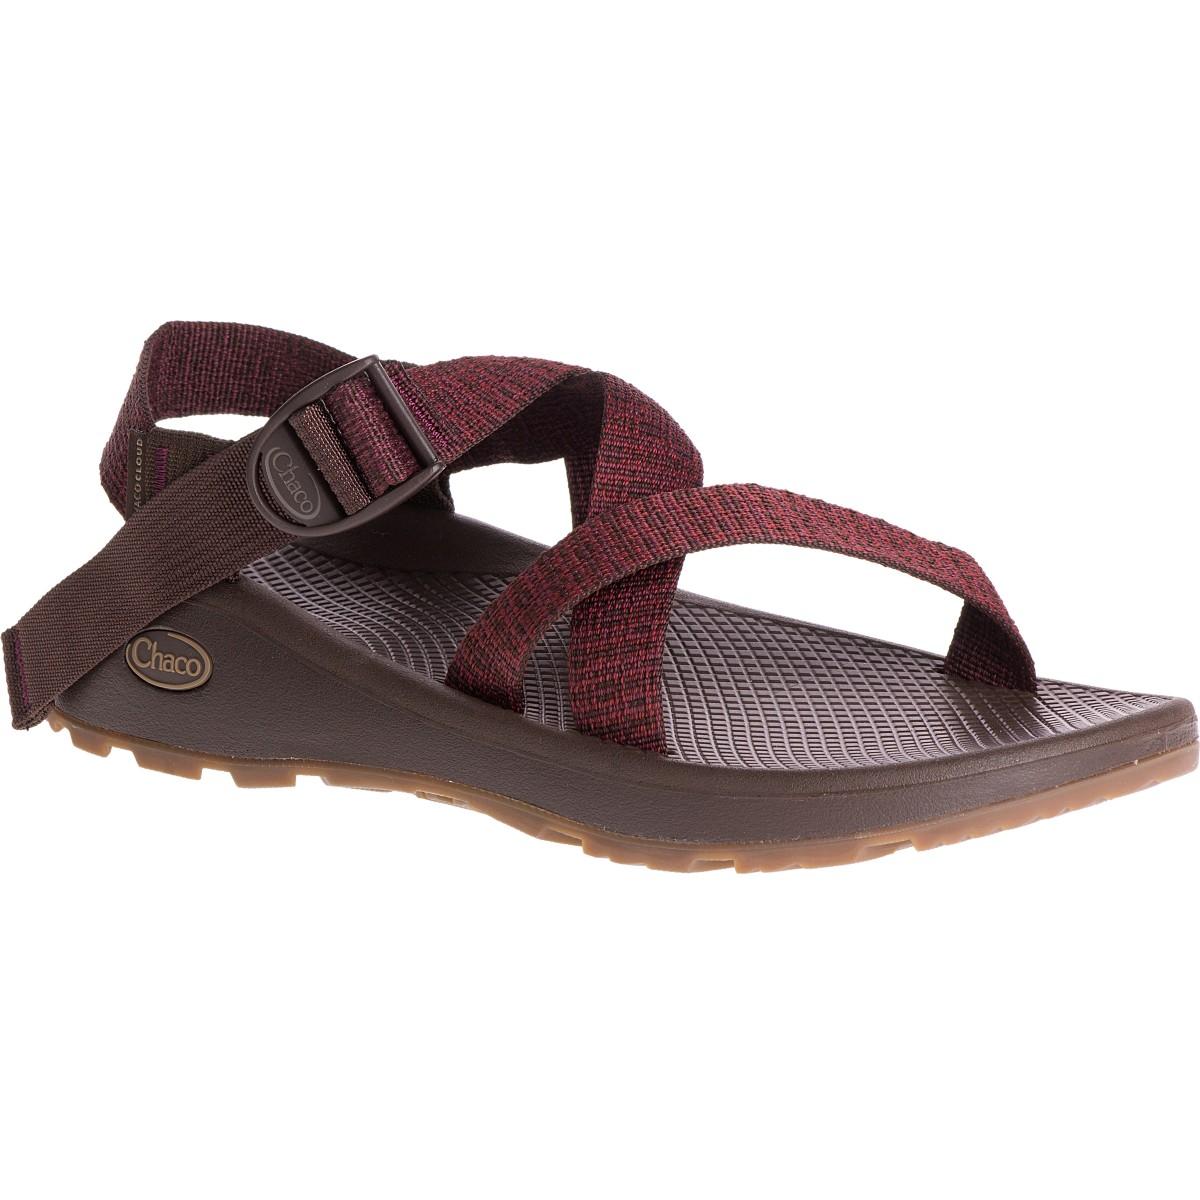 d35831e2b3f8 Chaco ZCloud Sandal - Mens